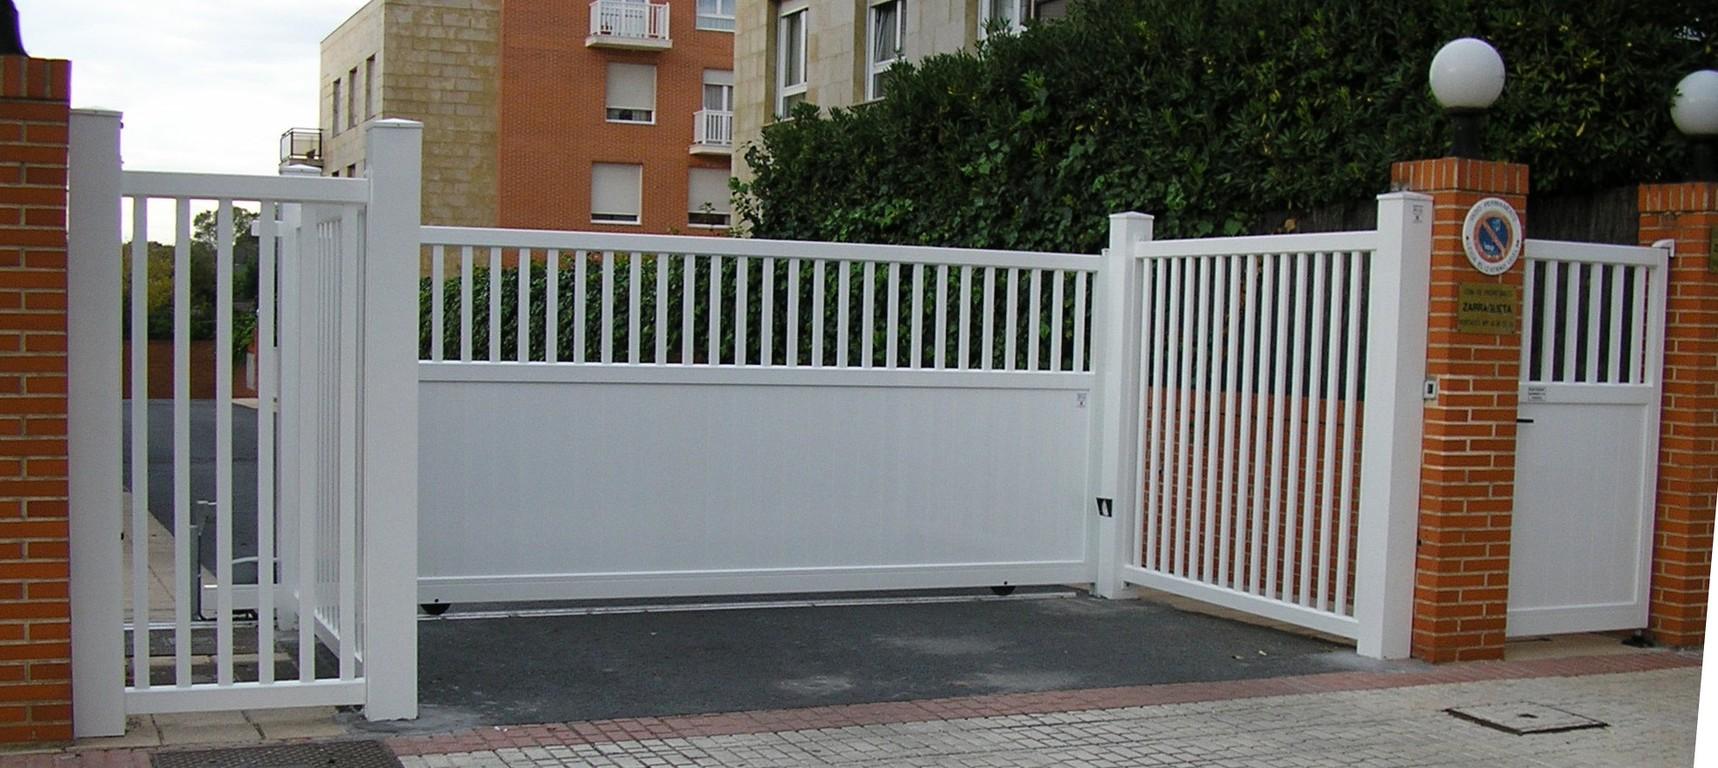 Puertas de jard n seccionales aluminios no in gar s - Puerta de madera para jardin ...